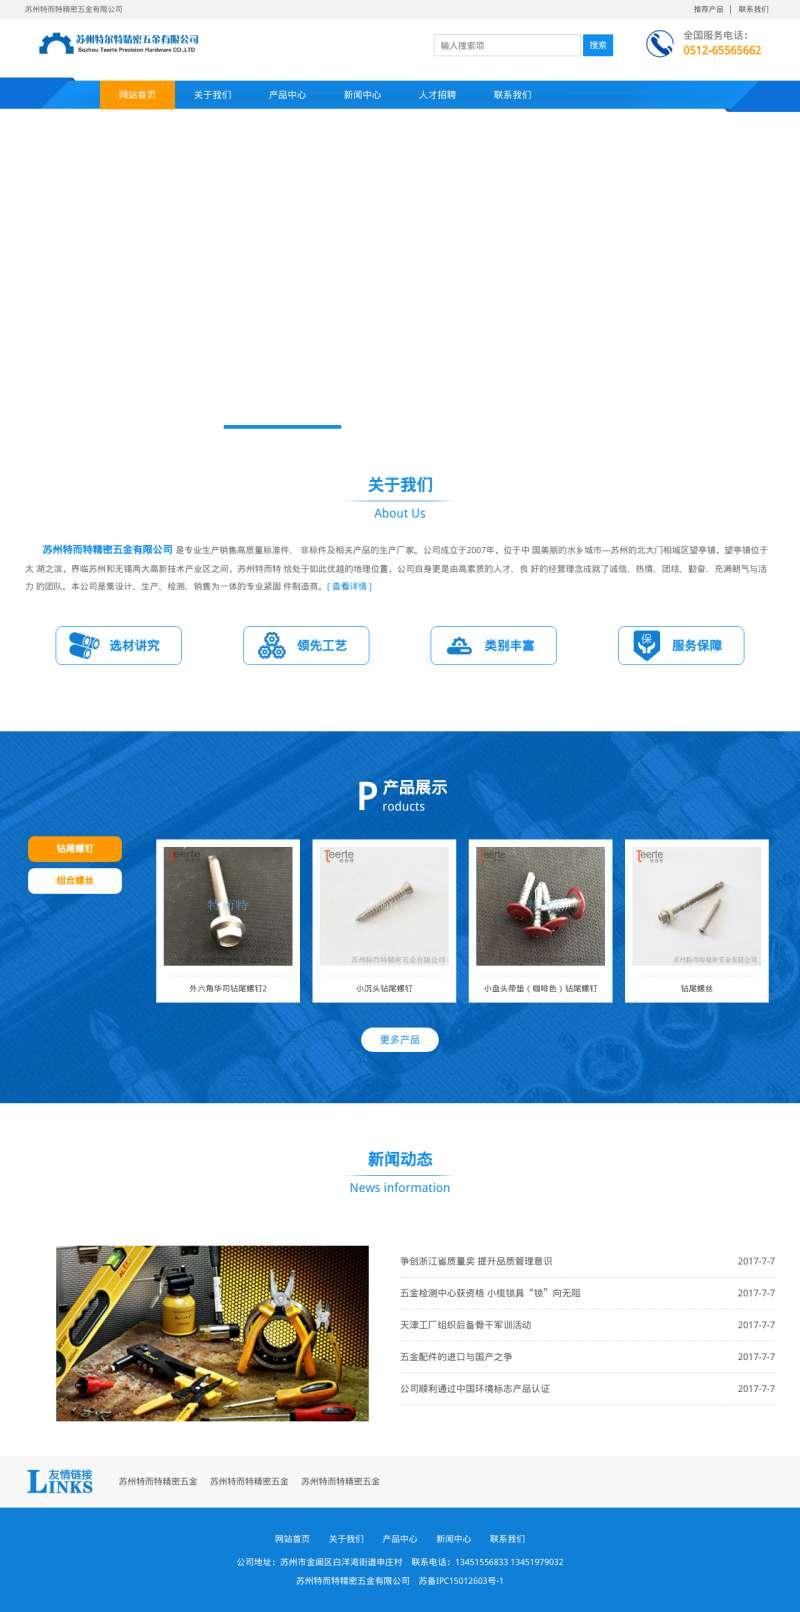 蓝色大气精密五金设备公司网站模板